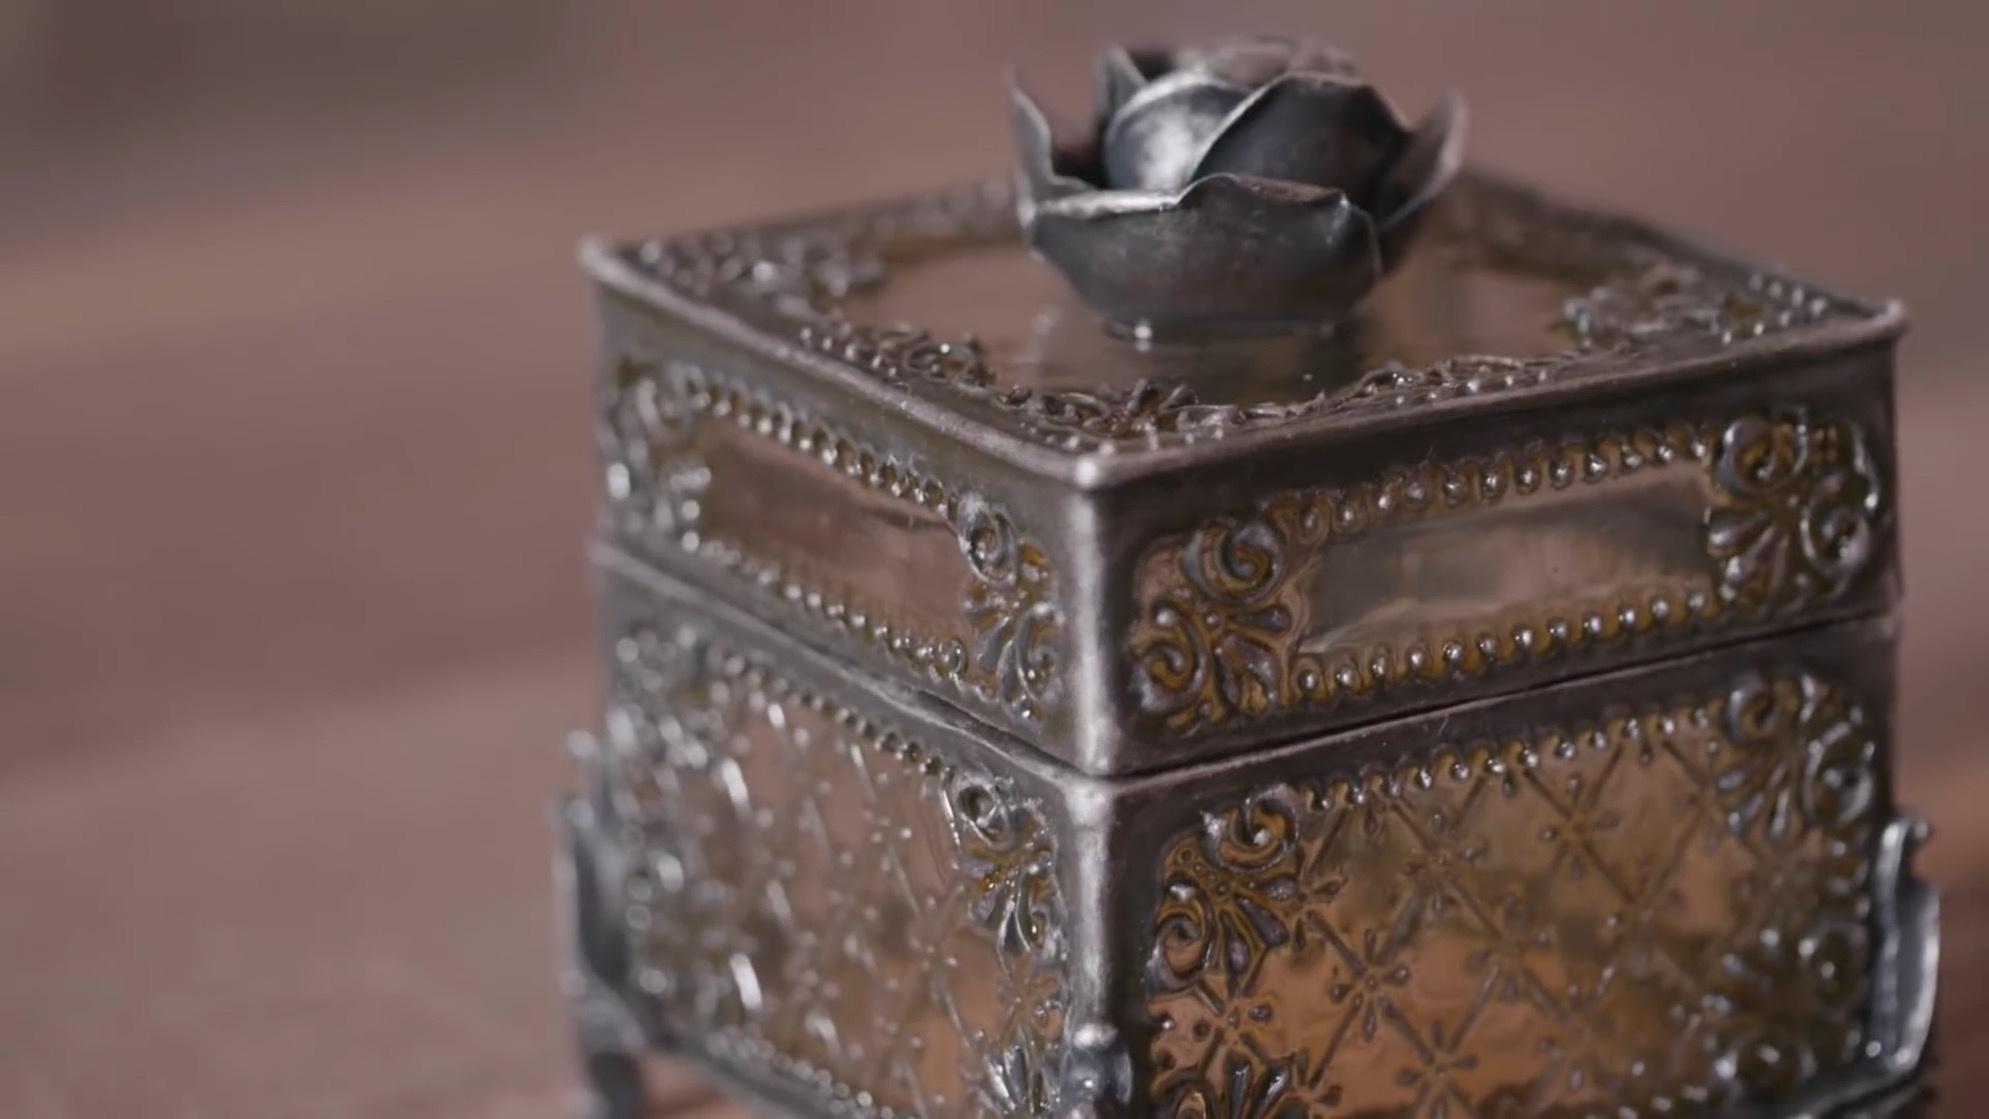 热缩片+液体粘土+环氧树脂=超漂亮的复古首饰盒   DIY手工制作创作过程